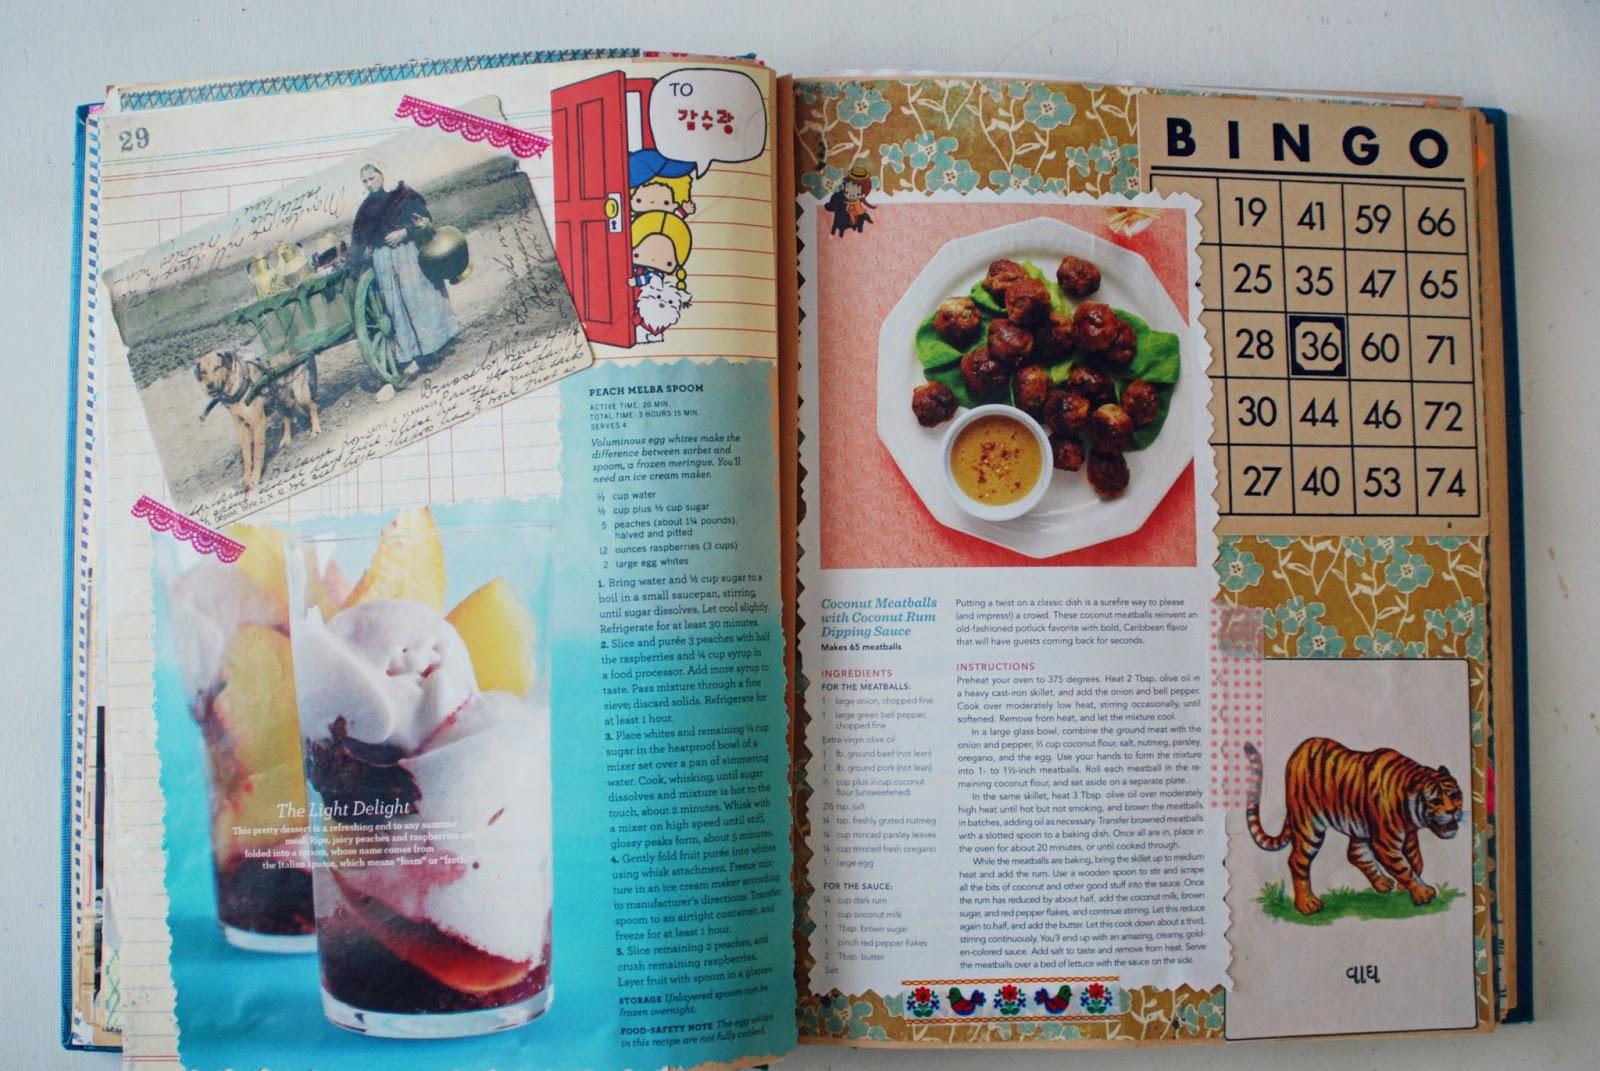 How to scrapbook a recipe book - How To Scrapbook A Recipe Book 50